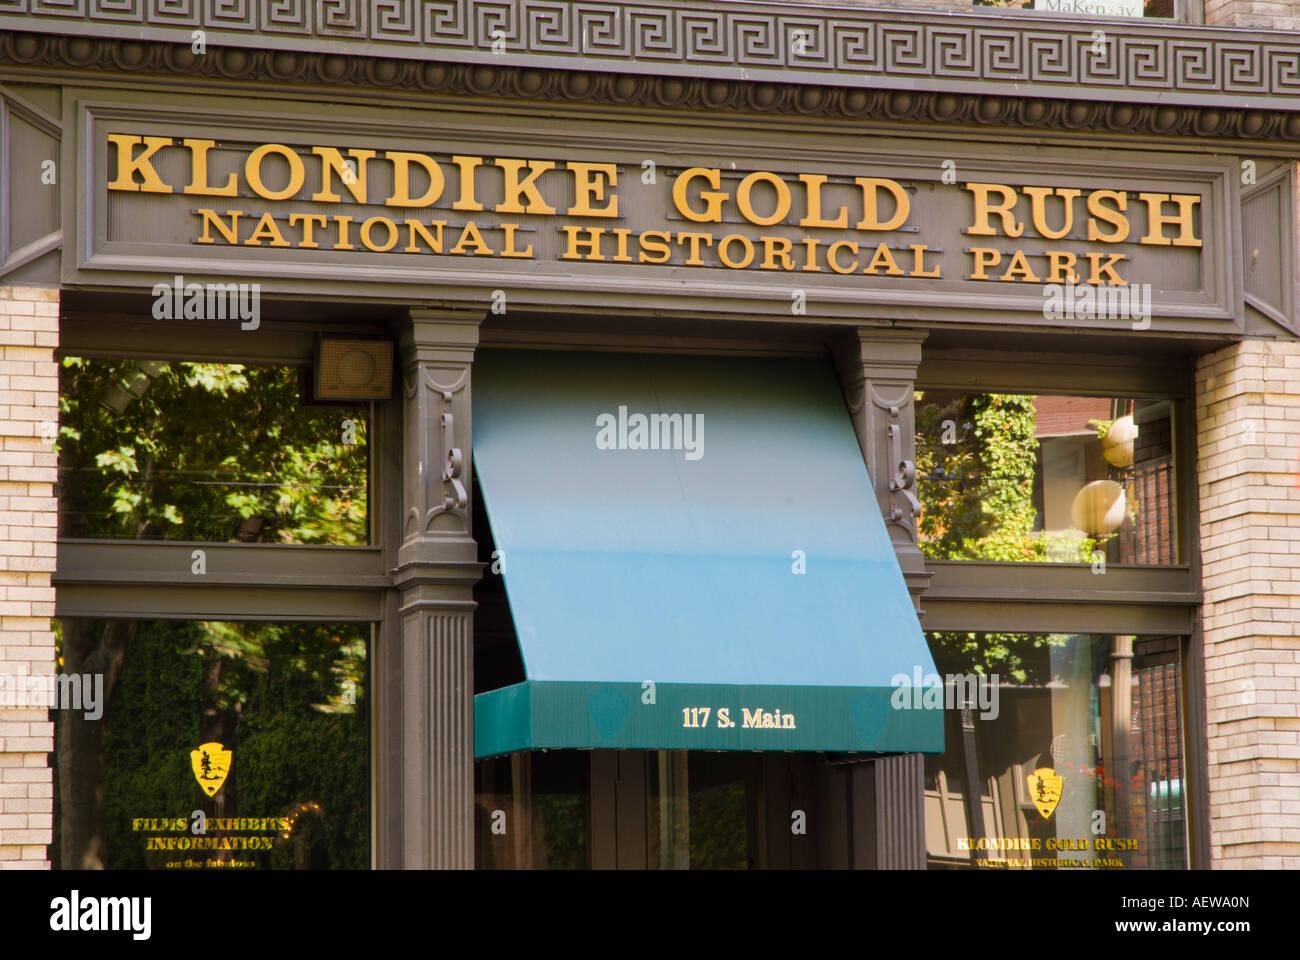 Klondike Gold Rush National Historical Park Visitor Center